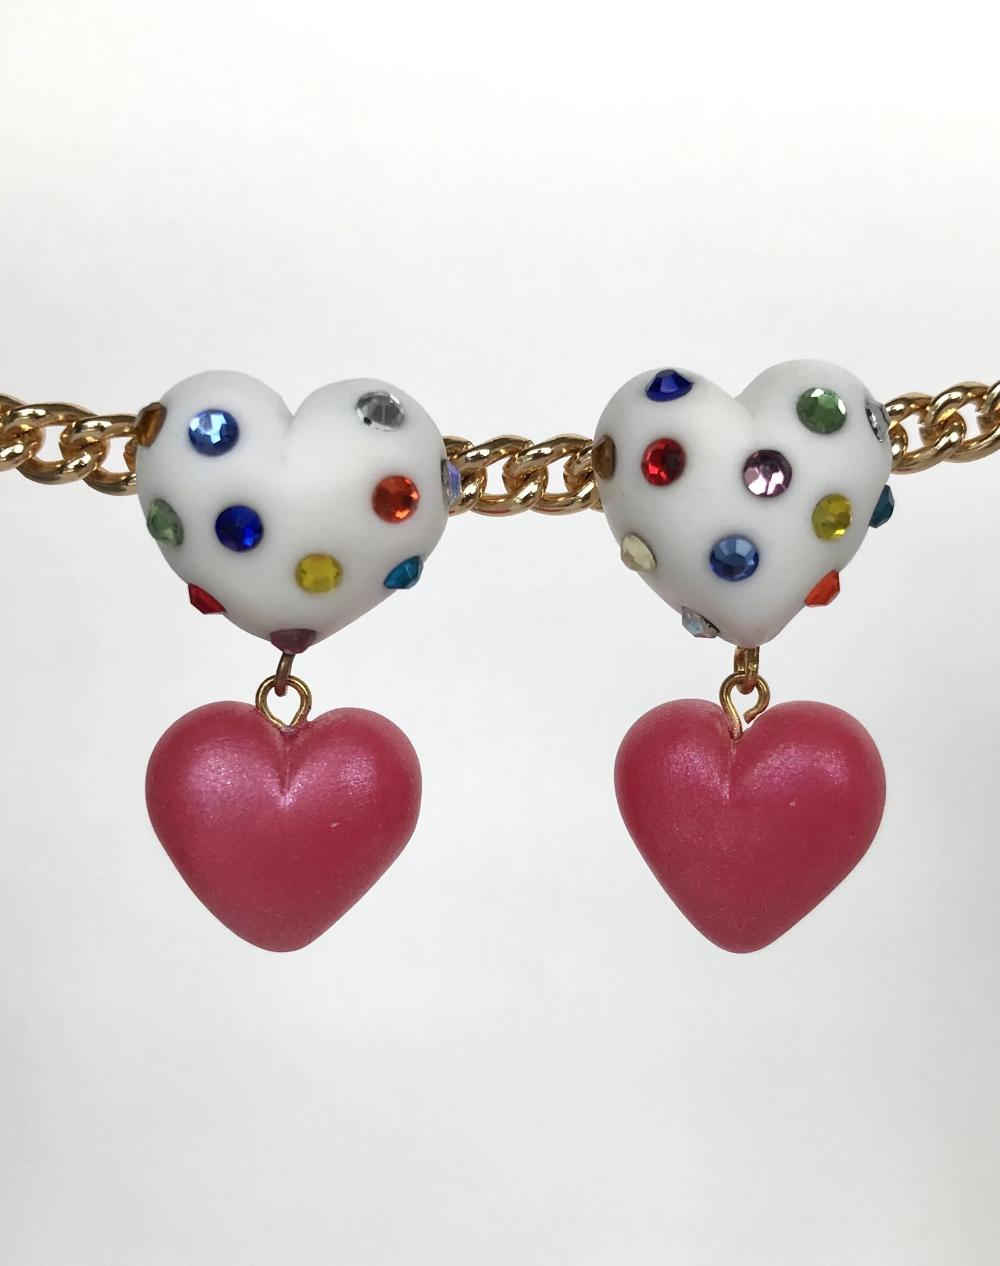 Heart Confetti Dangles